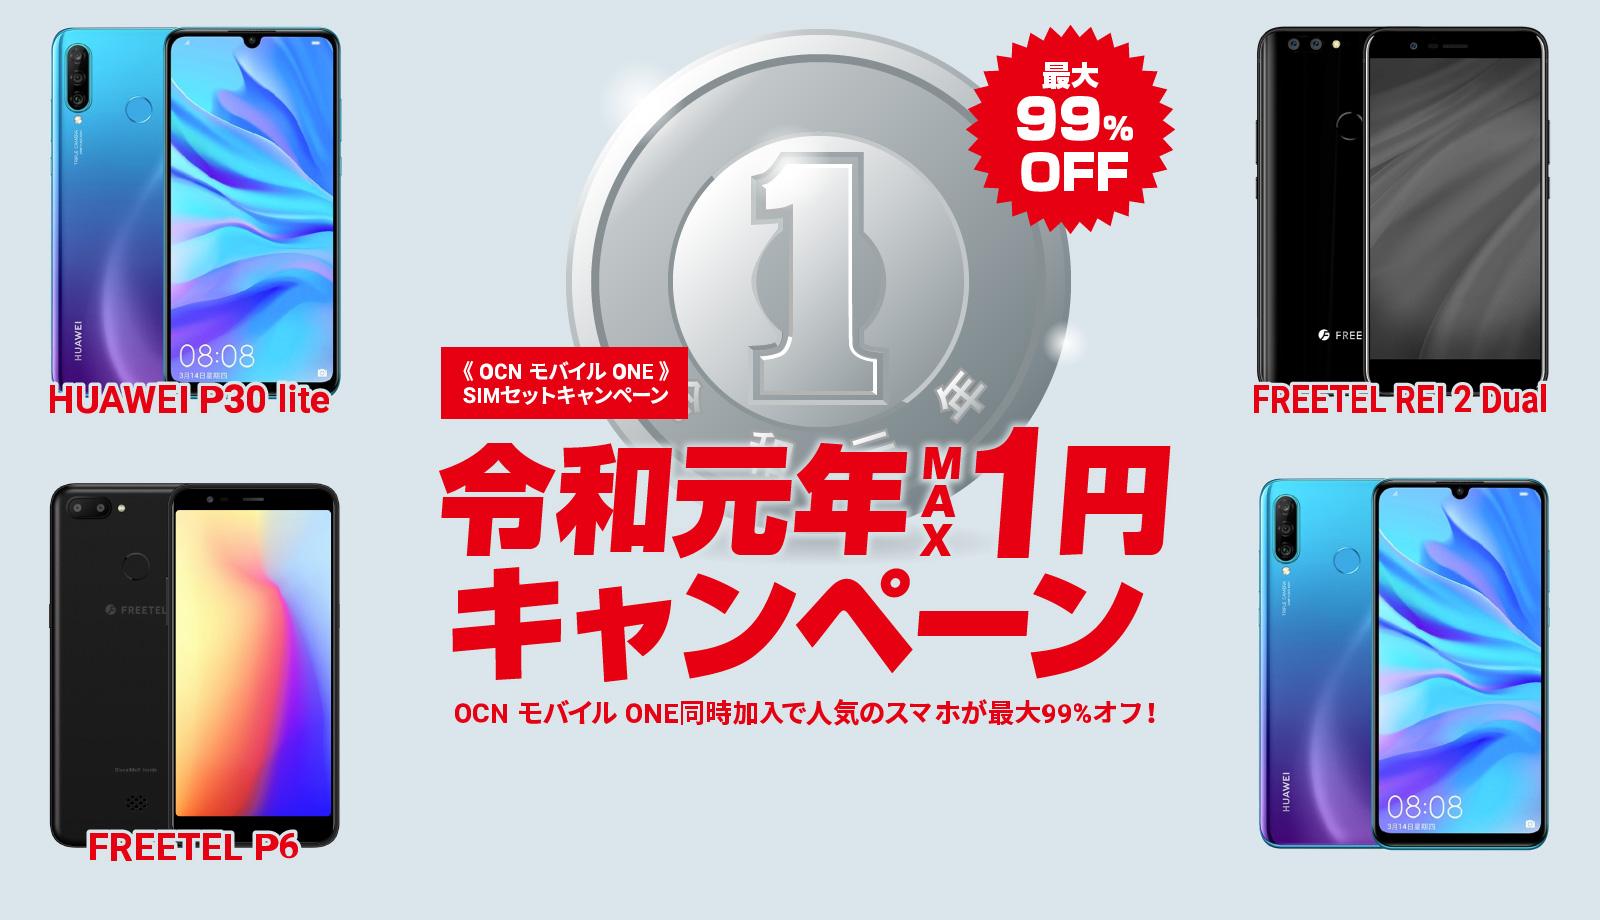 フリーテルでP6が16800円⇒1円セールを実施中。OCNモバイルONEとの抱合せ。1円でもいらねーよ。7/31~8/29 12時。